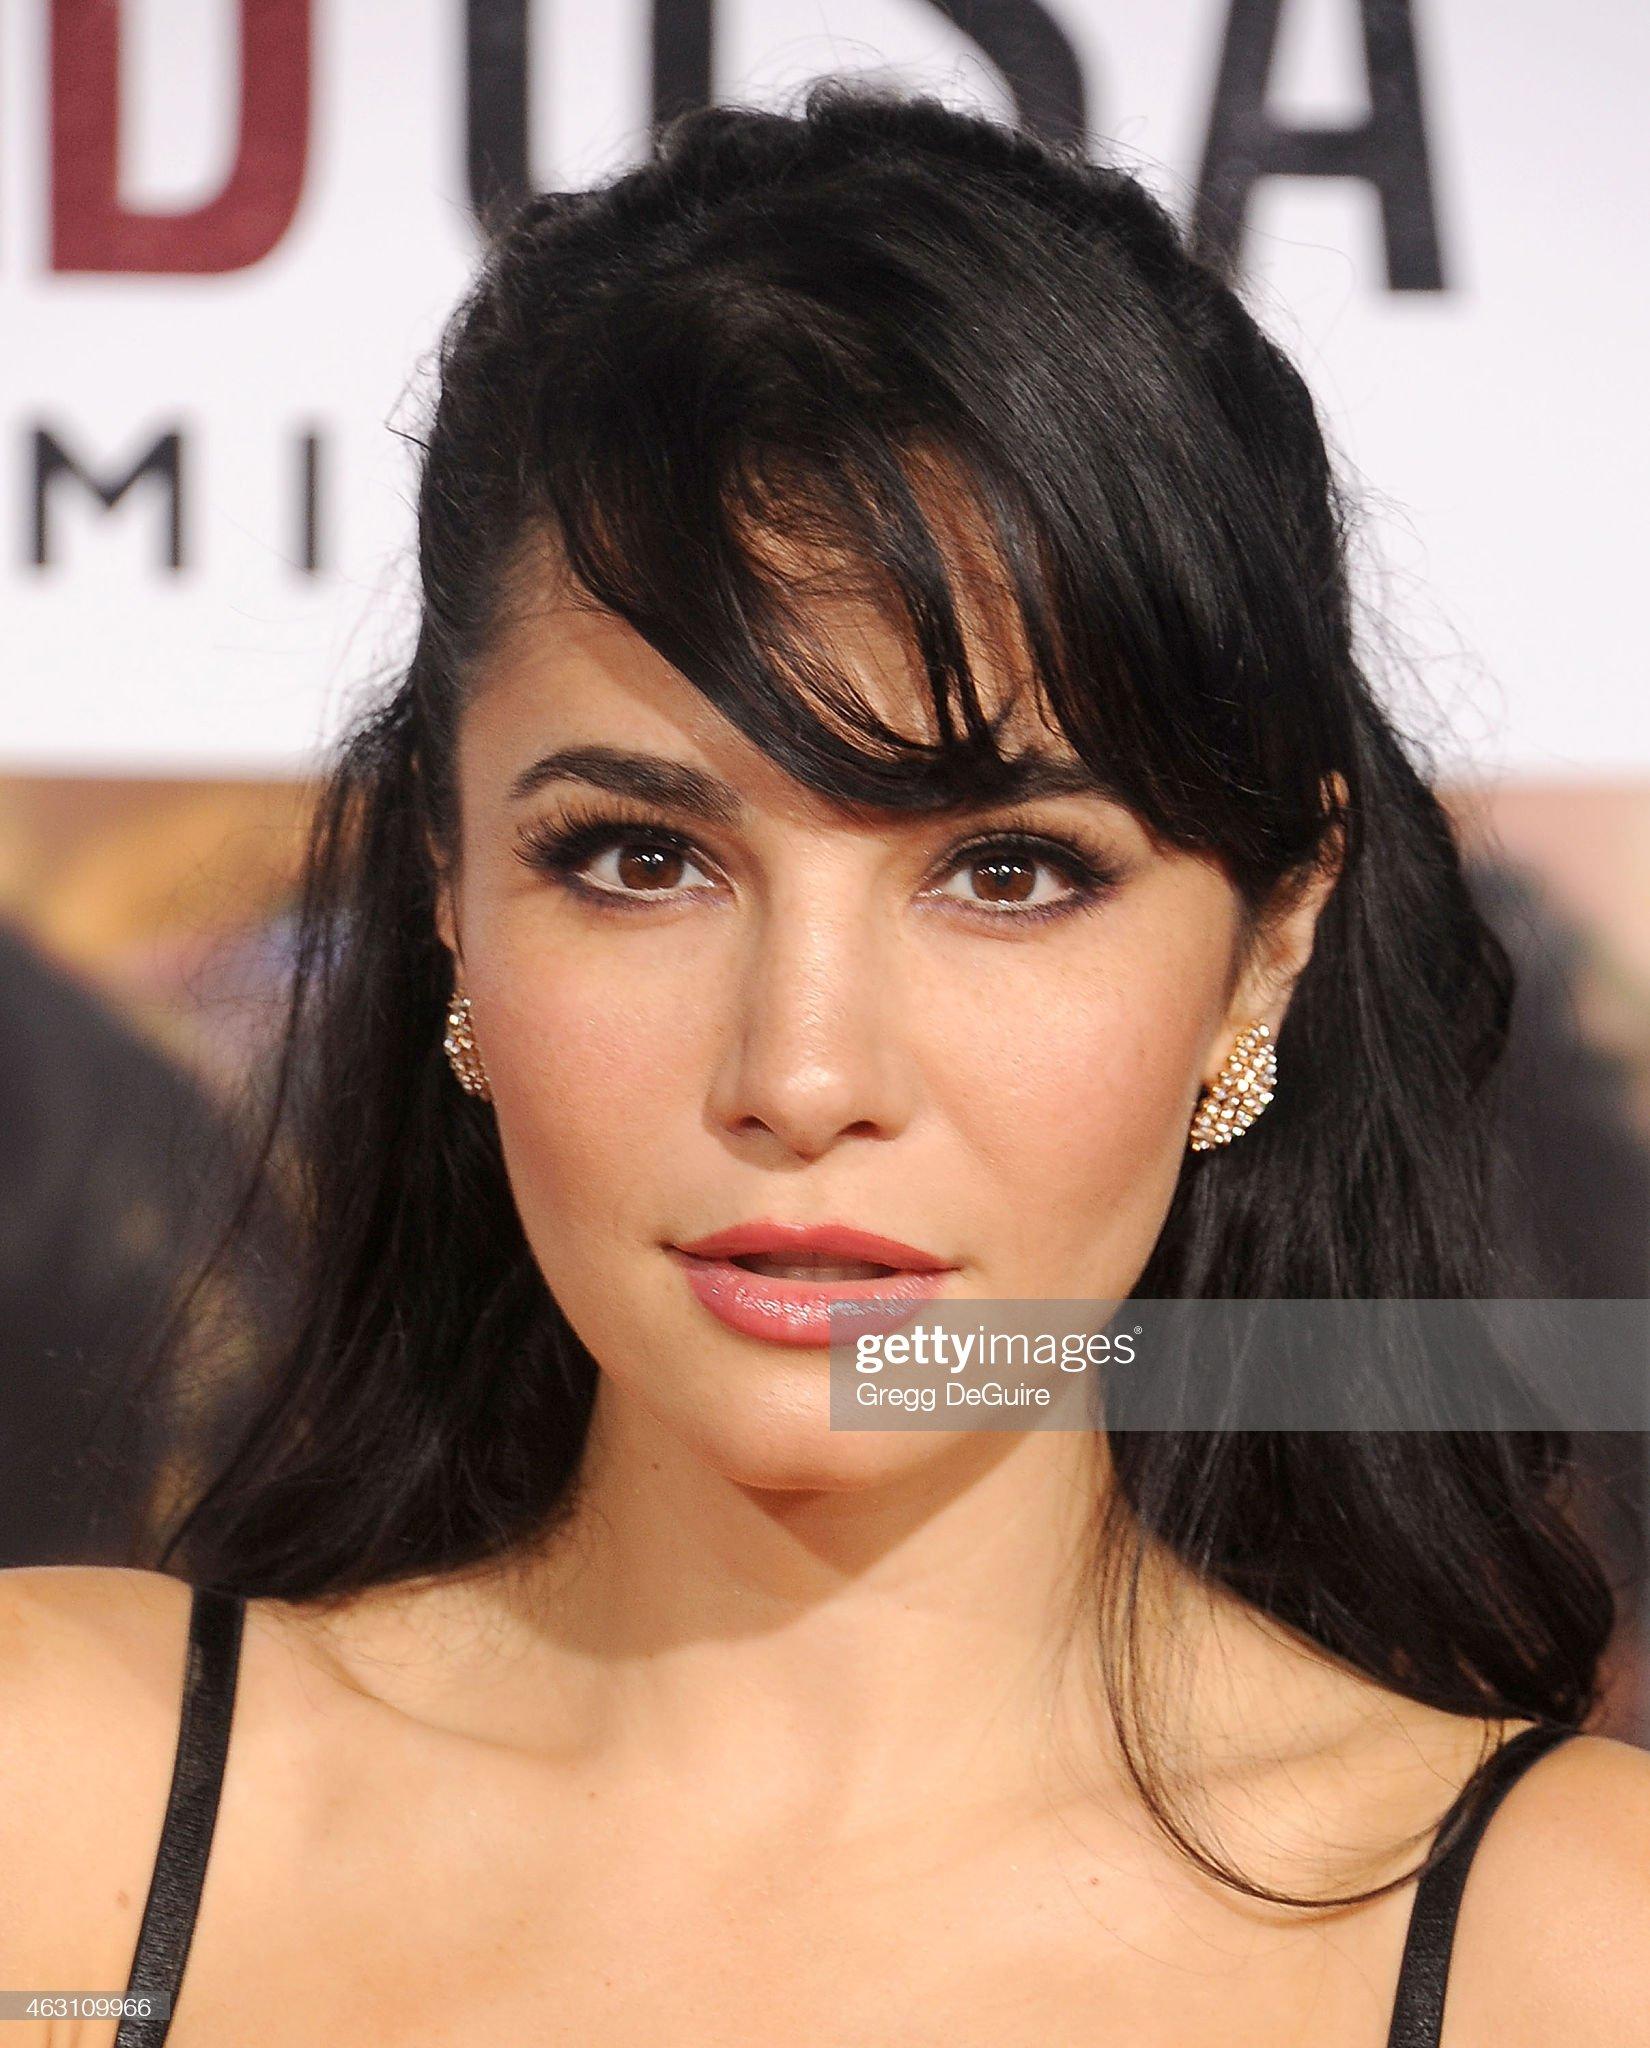 Las mezclas amerindias y europeas - Mestizas y mestizos - Página 30 Actress-martha-higareda-arrives-at-the-world-premiere-of-disneys-usa-picture-id463109966?s=2048x2048